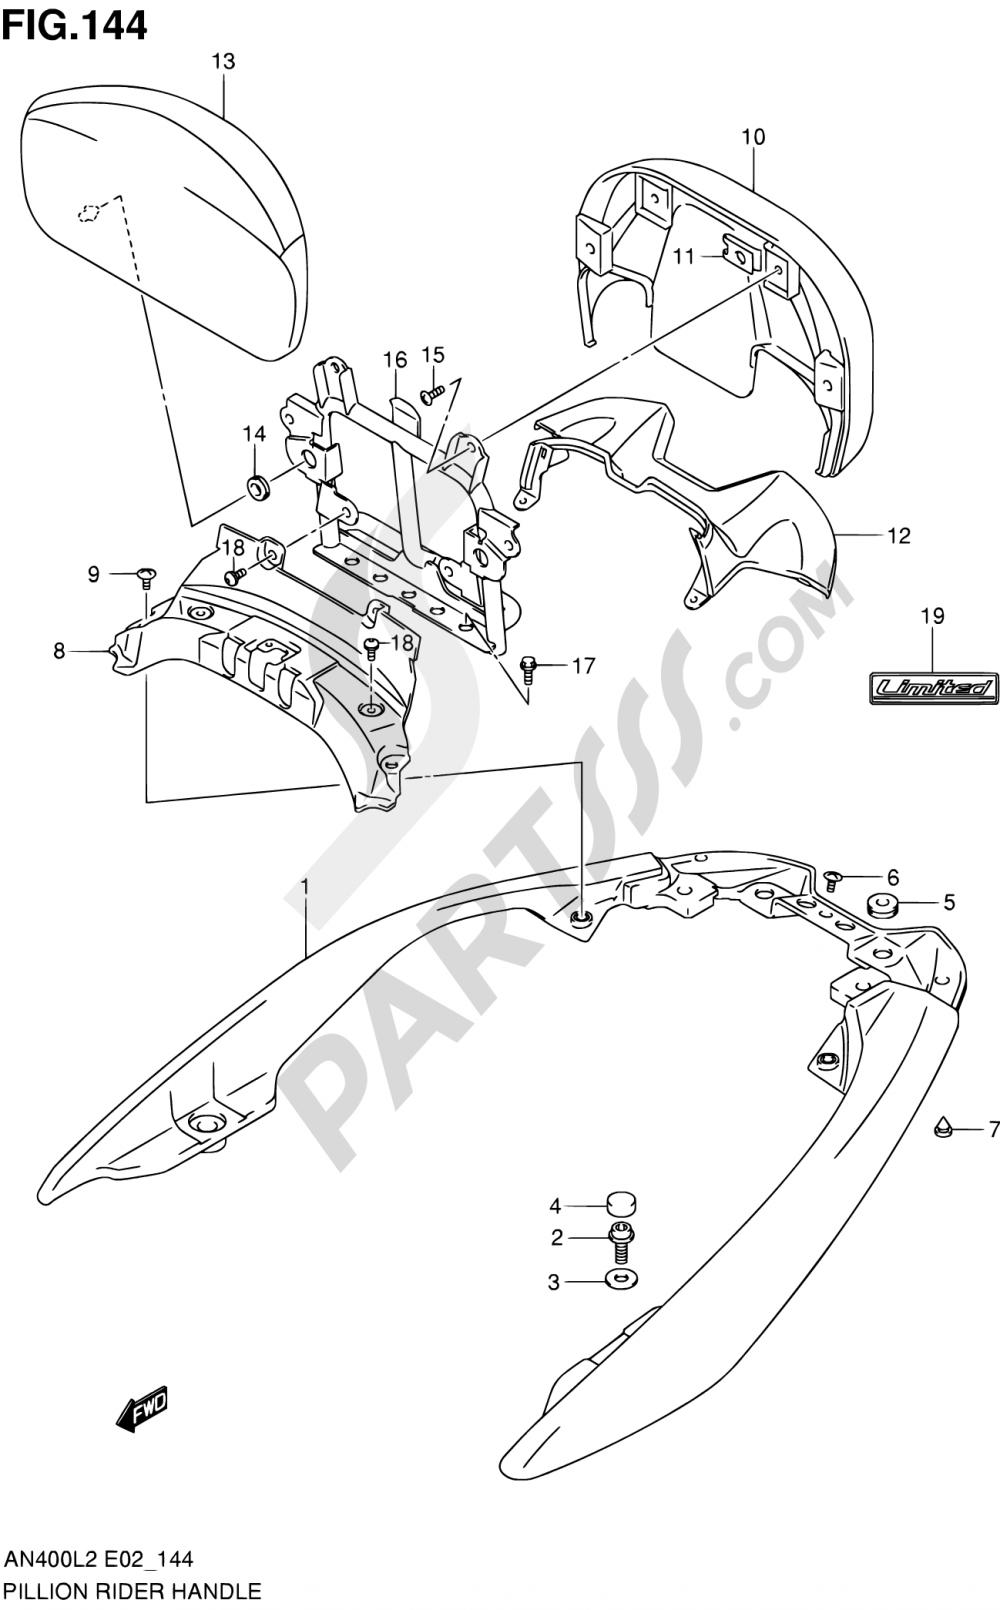 144 - PILLION RIDER HANDLE (AN400ZAL2 E19) Suzuki BURGMAN AN400 2012